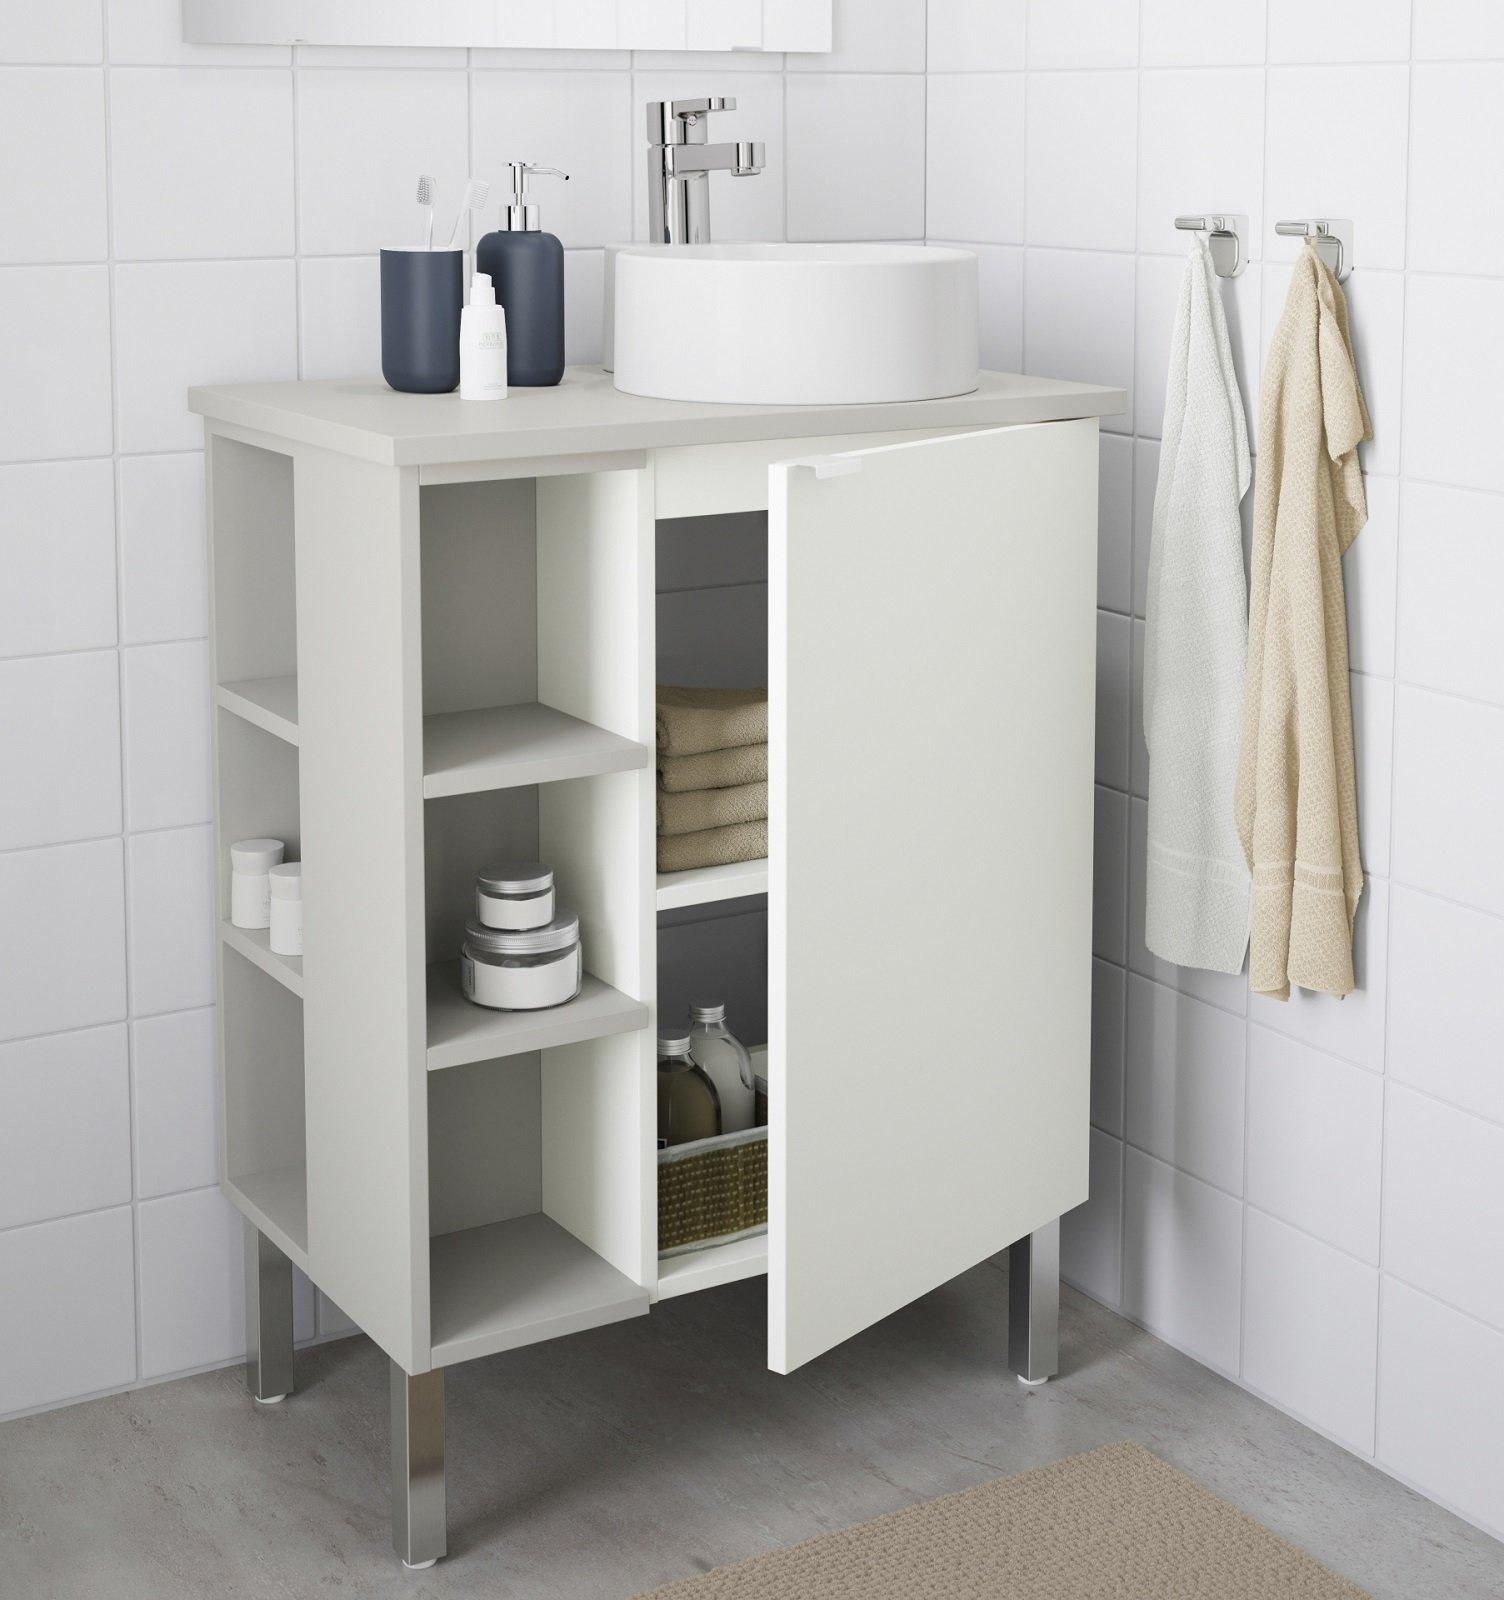 18 soluzioni salvaspazio per il bagno, per risparmiare centimetri